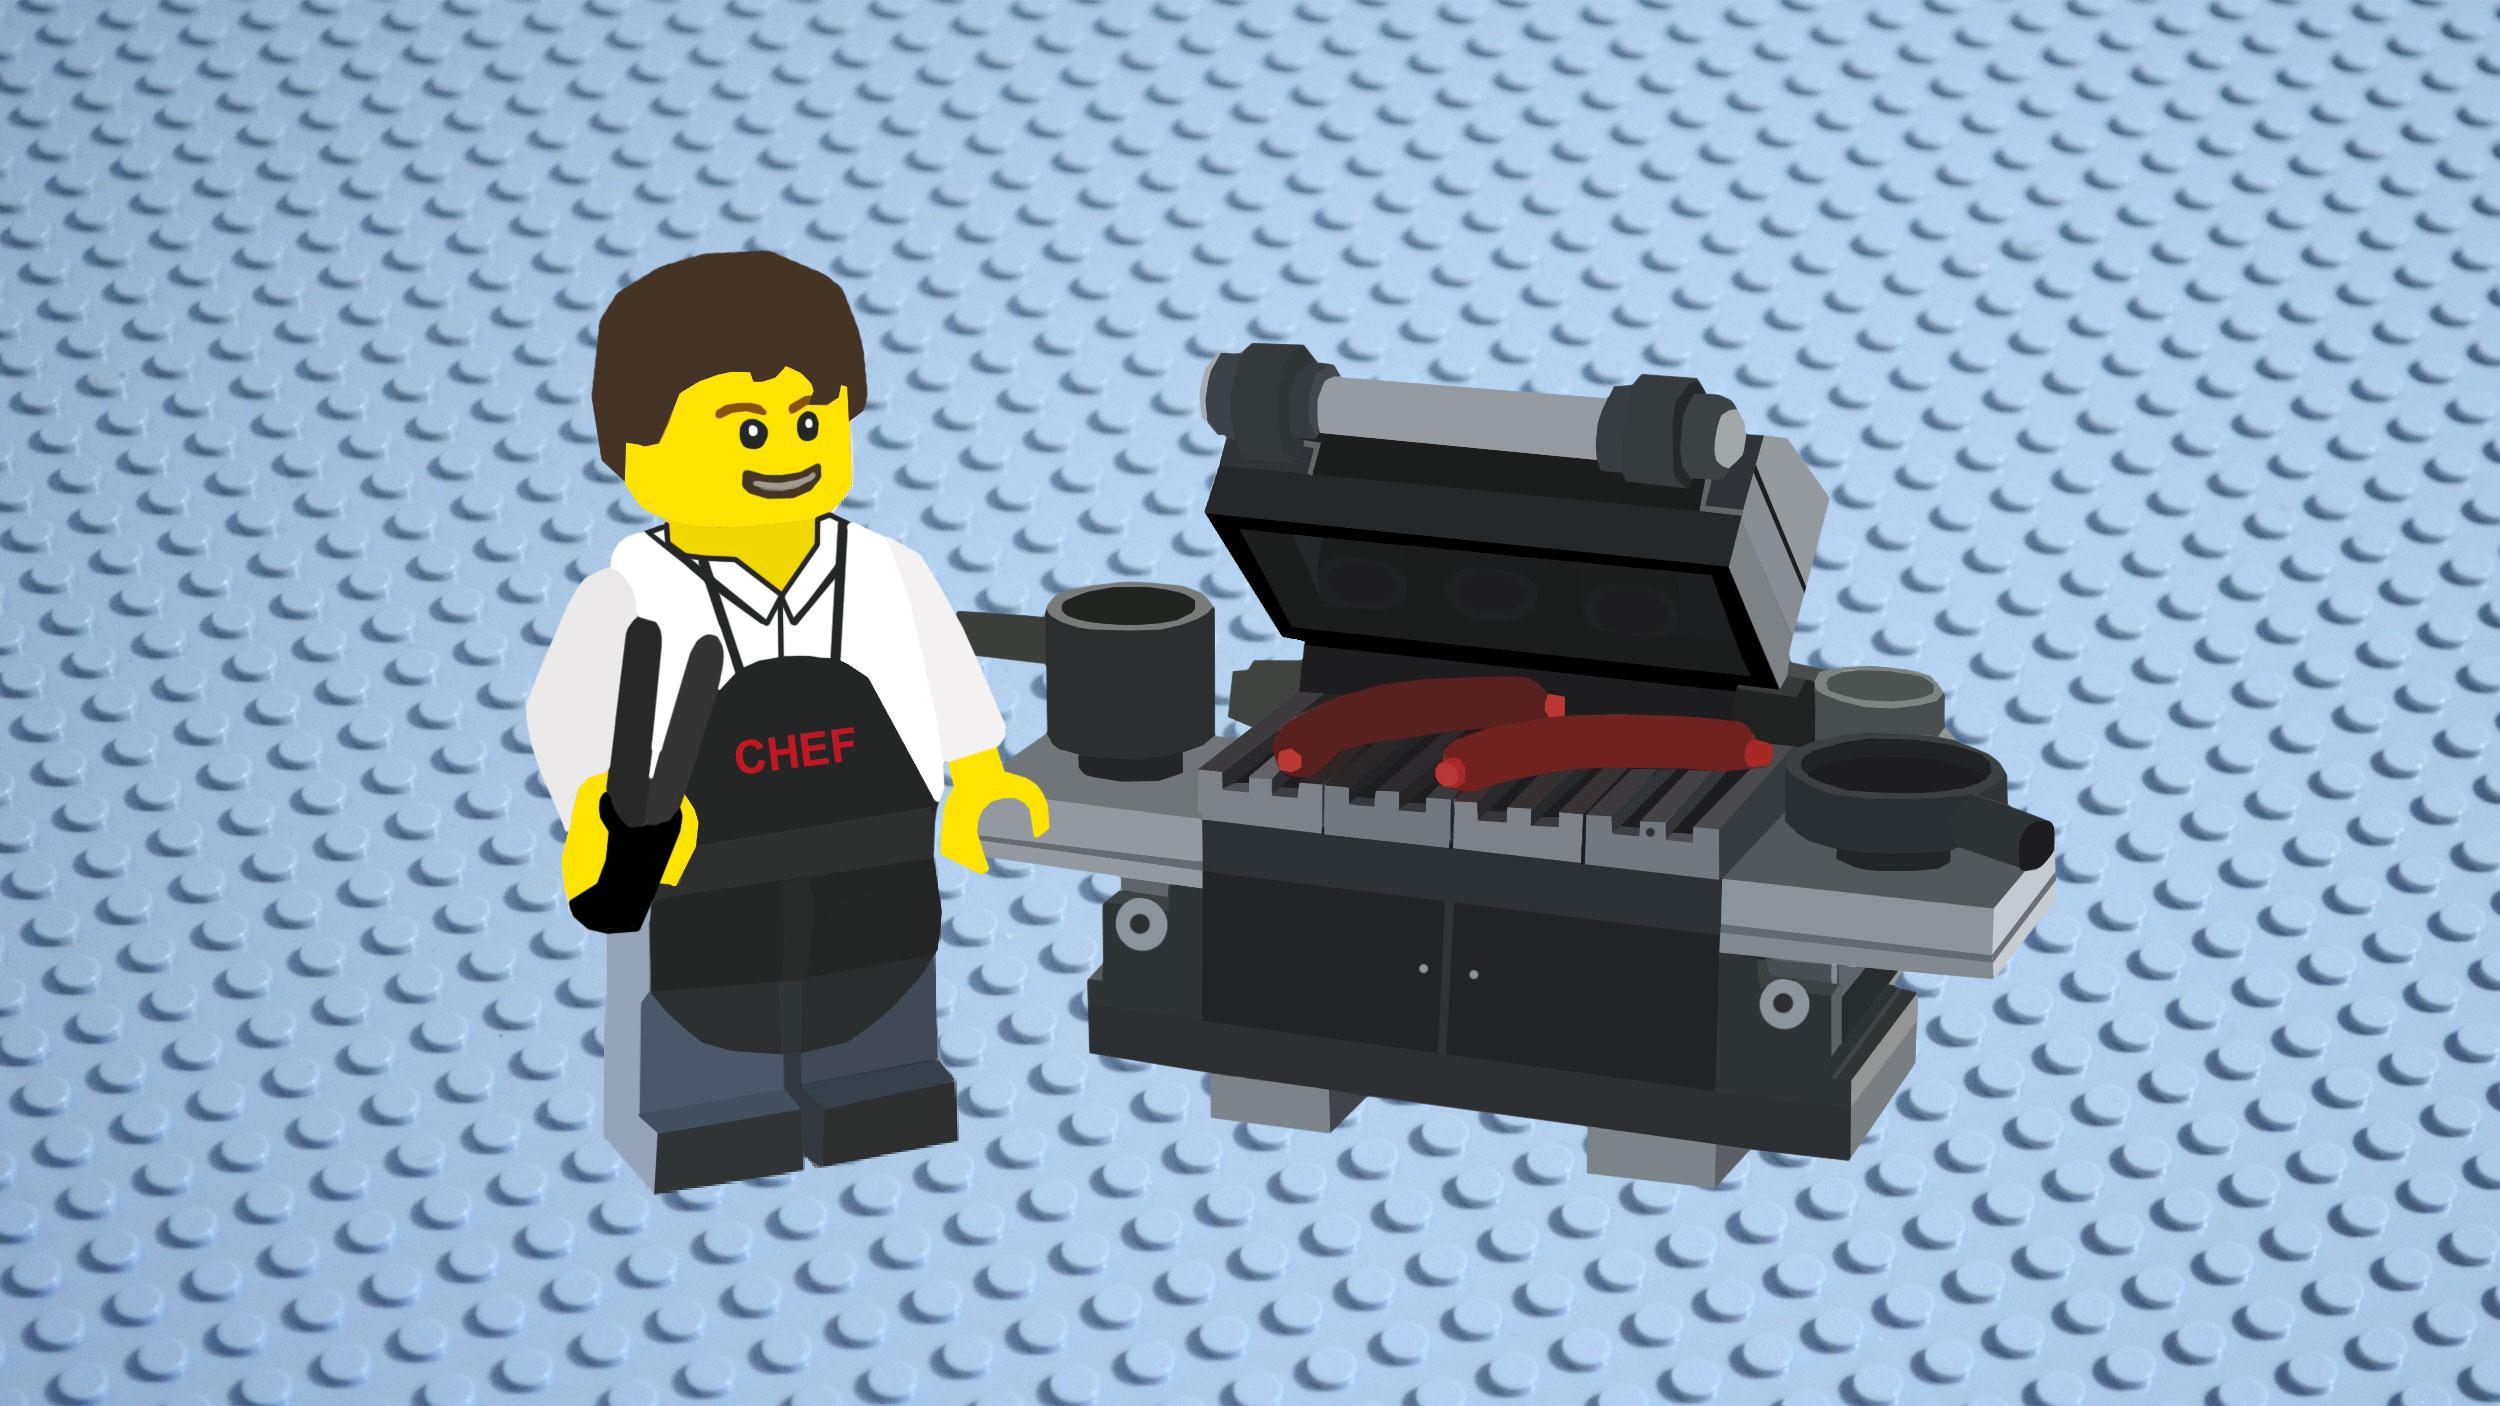 Diese Lego Bausätze Sind Wirklich Nur Für Männer Vice